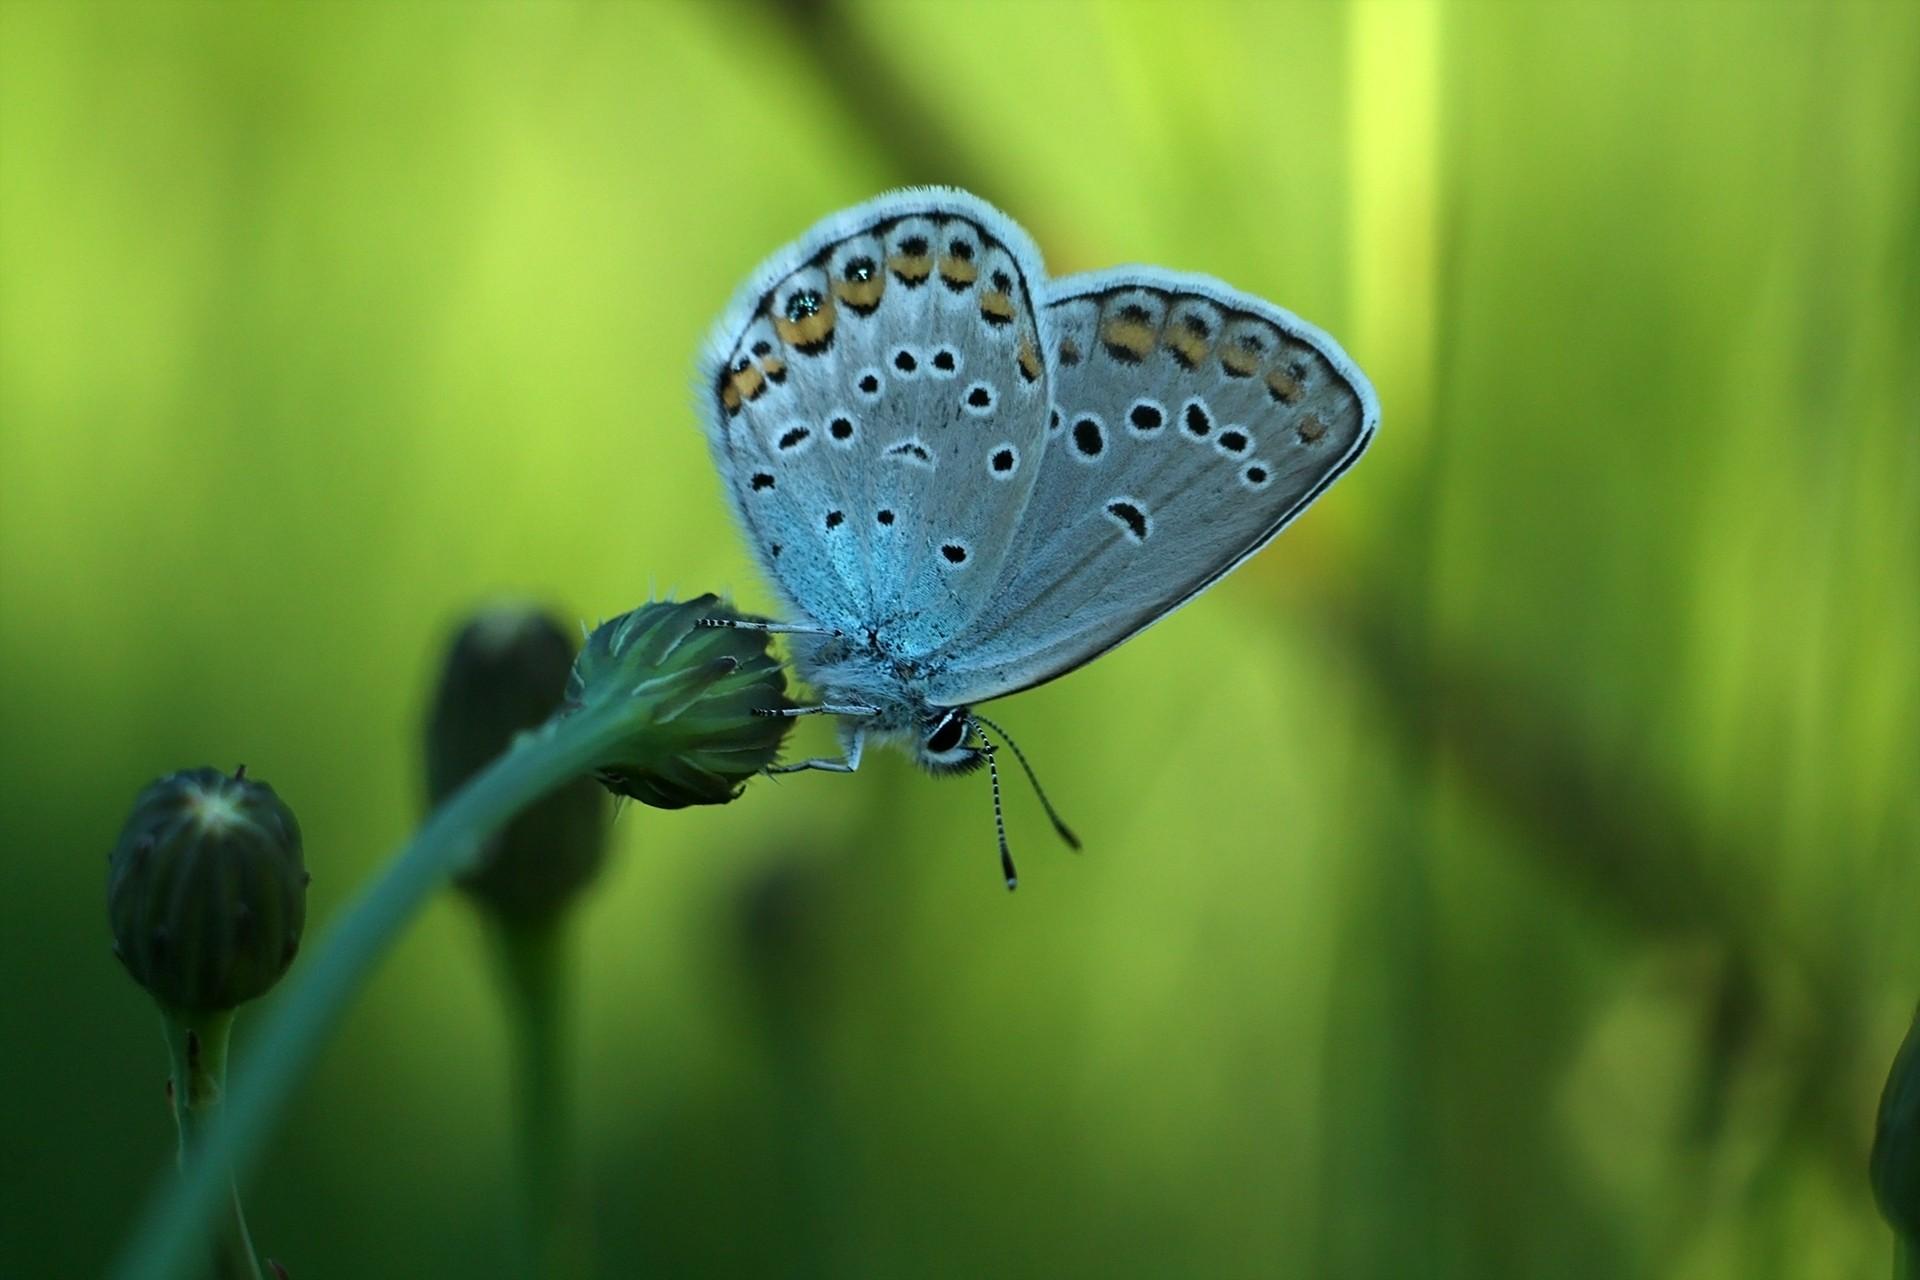 壁纸 花卉 宏 昆虫 野生动物 1920x1280像素 微距摄影 无脊椎